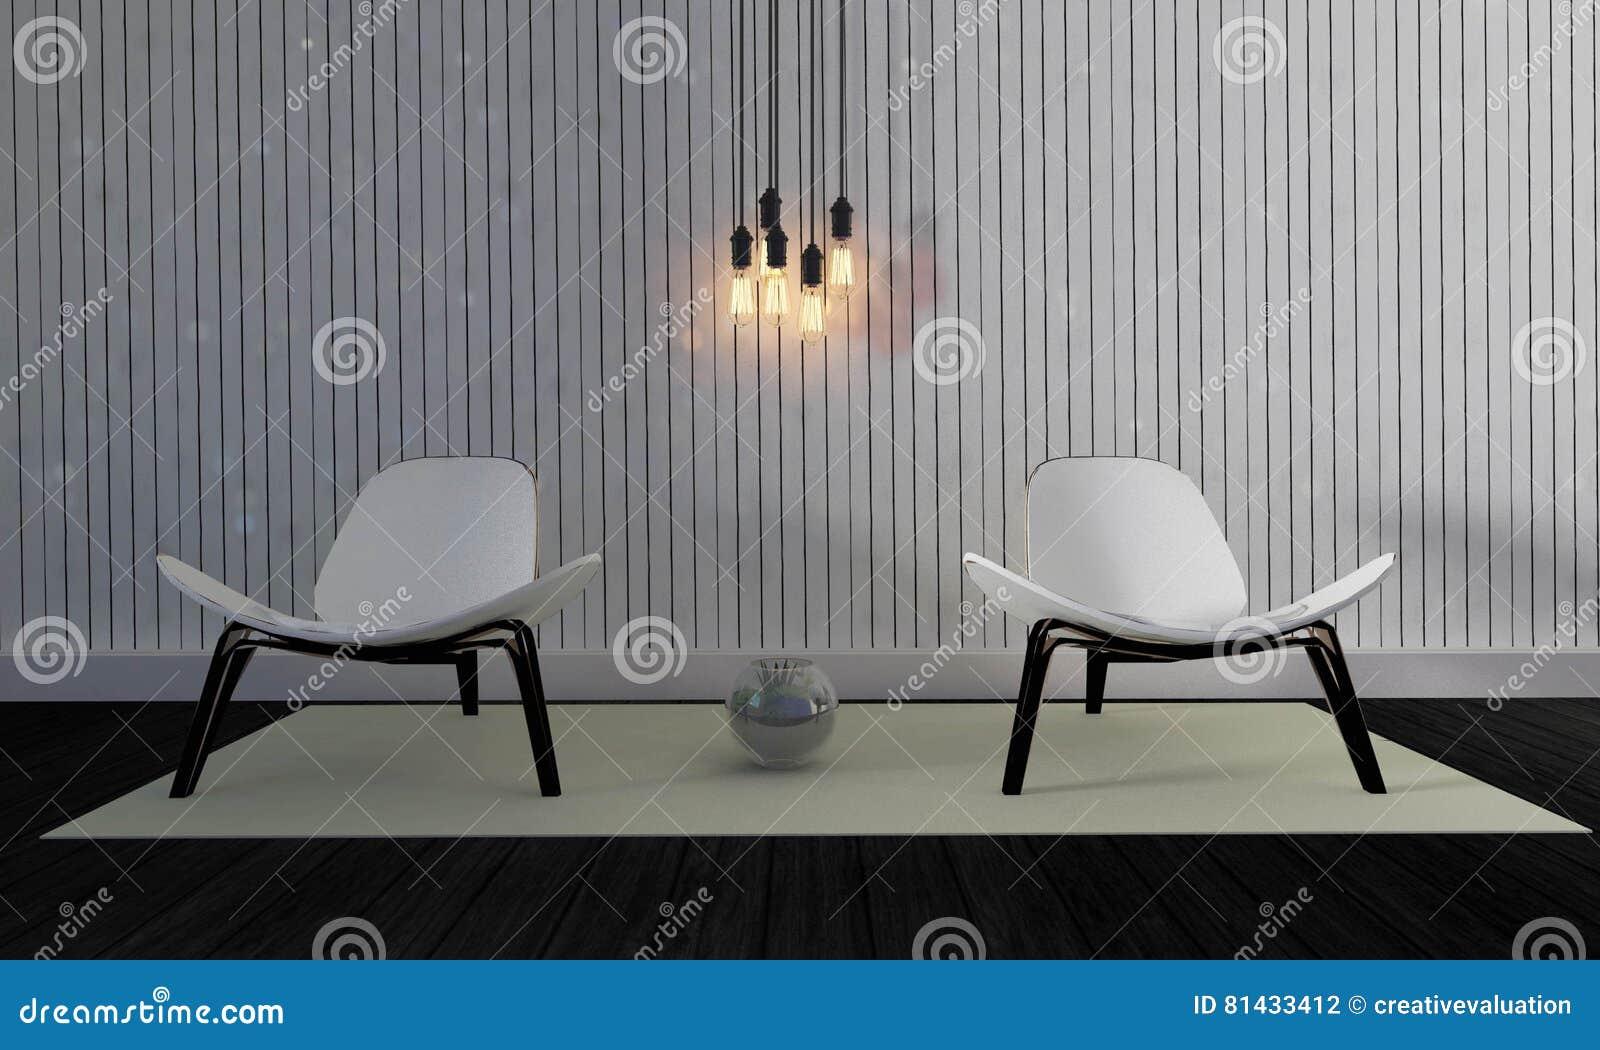 3d Fußboden Wohnzimmer ~ Dachboden und einfaches wohnzimmer mit stuhl und wand background